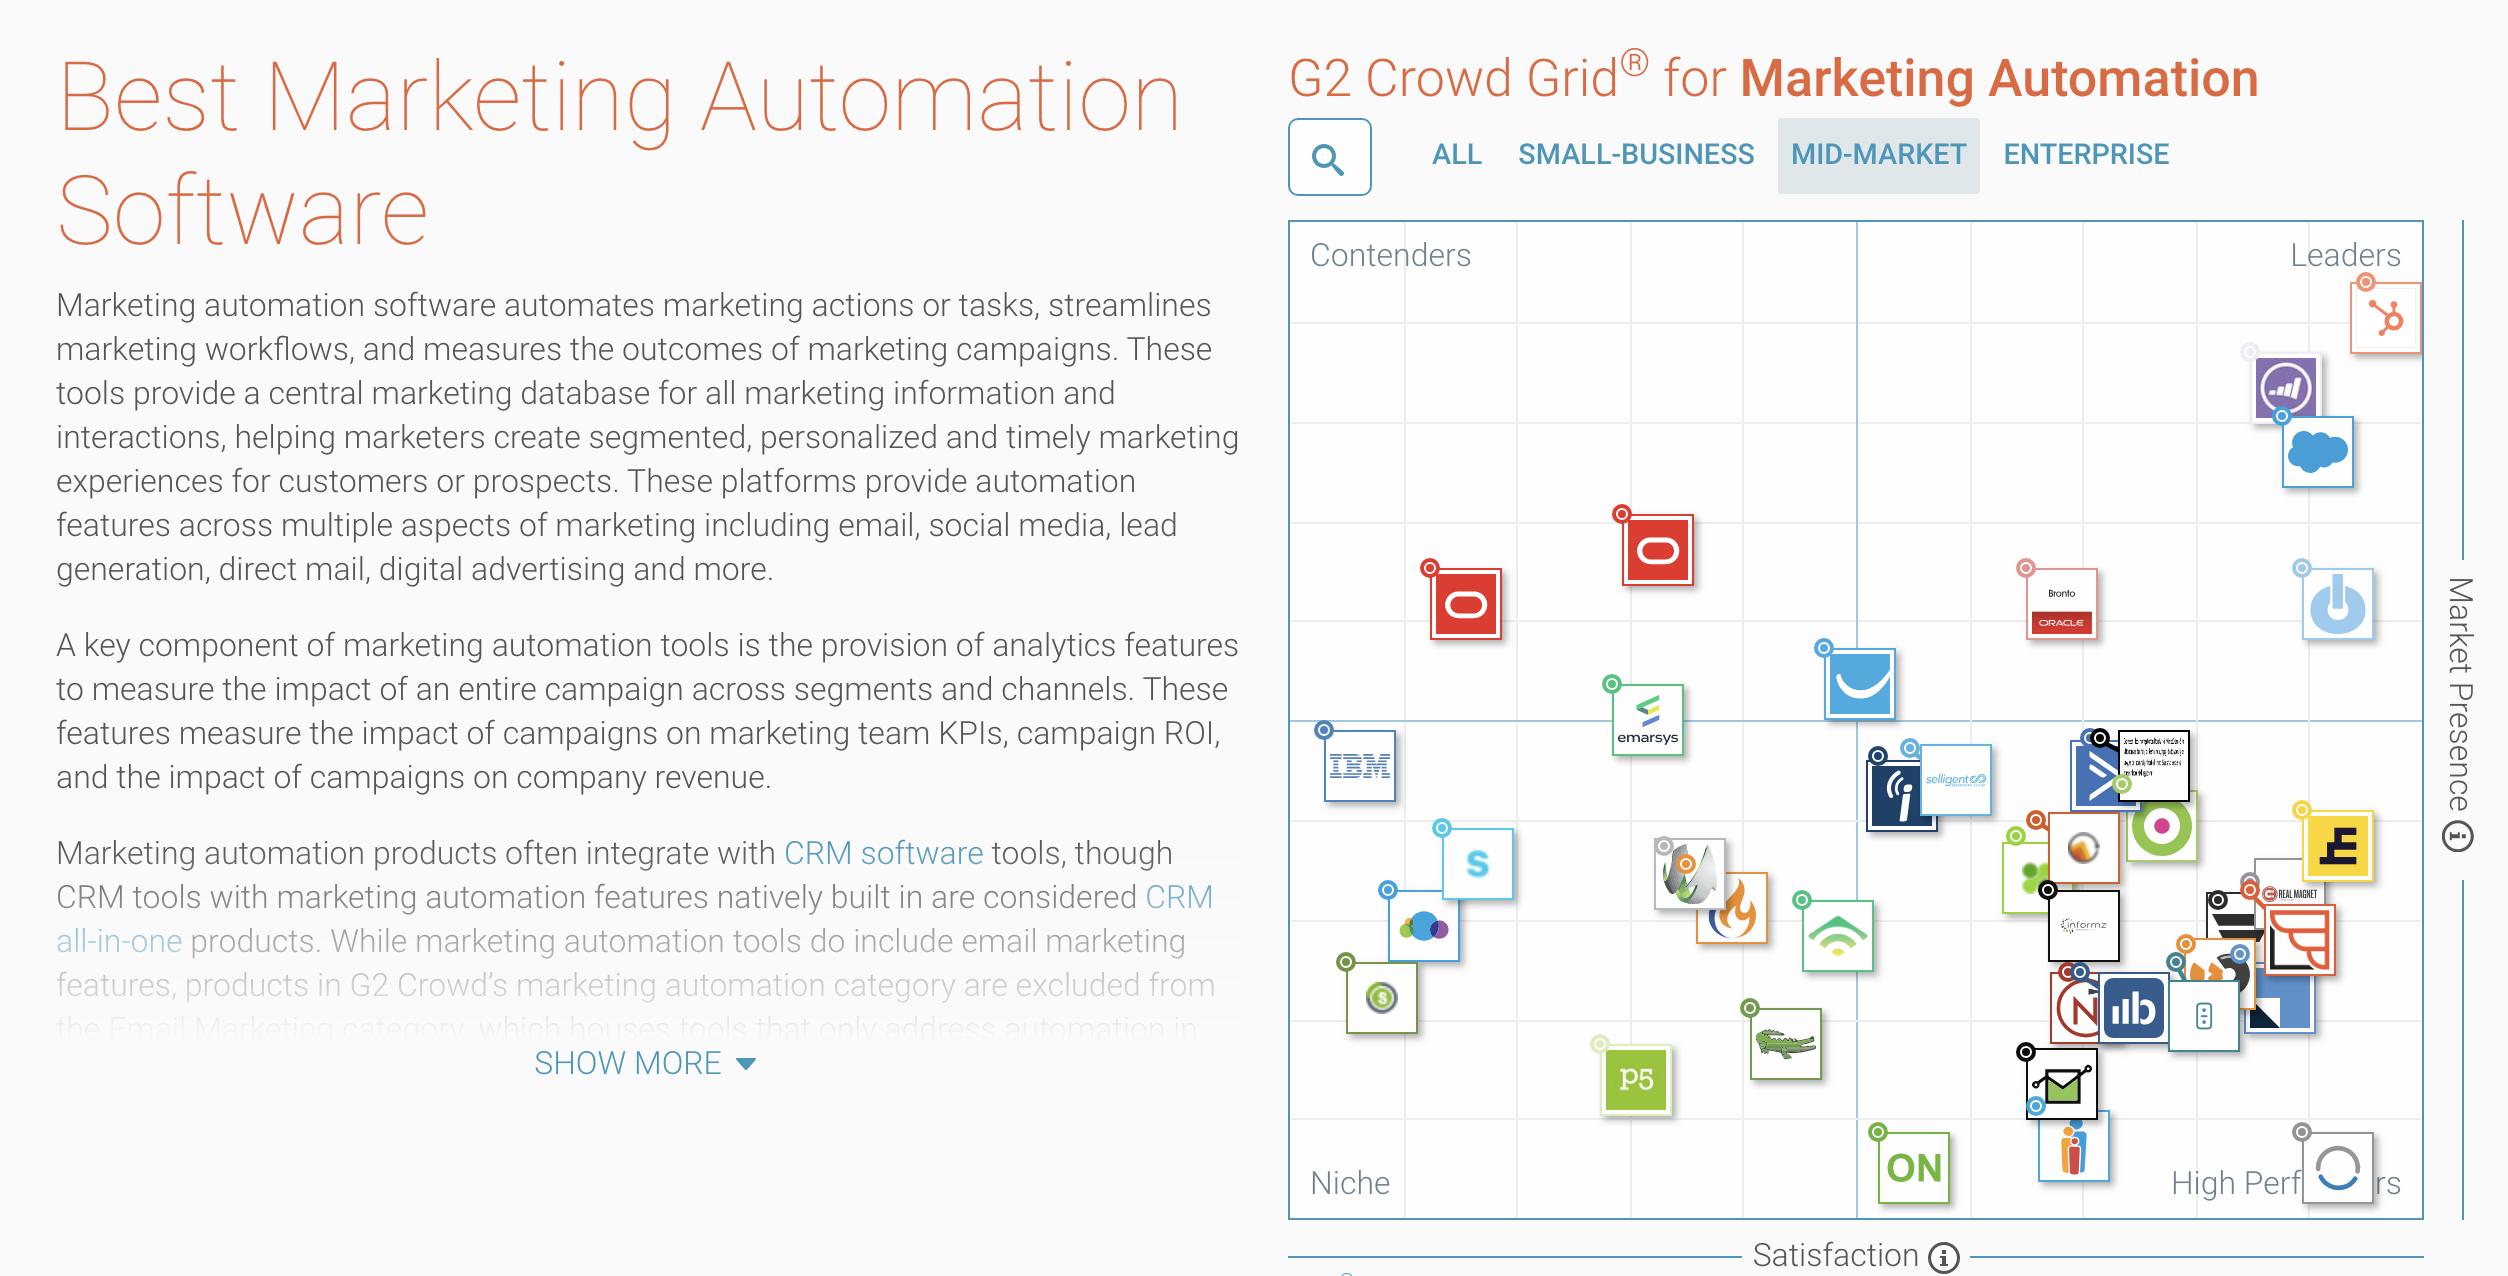 De beste marketing automation voor mid-market bedrijven